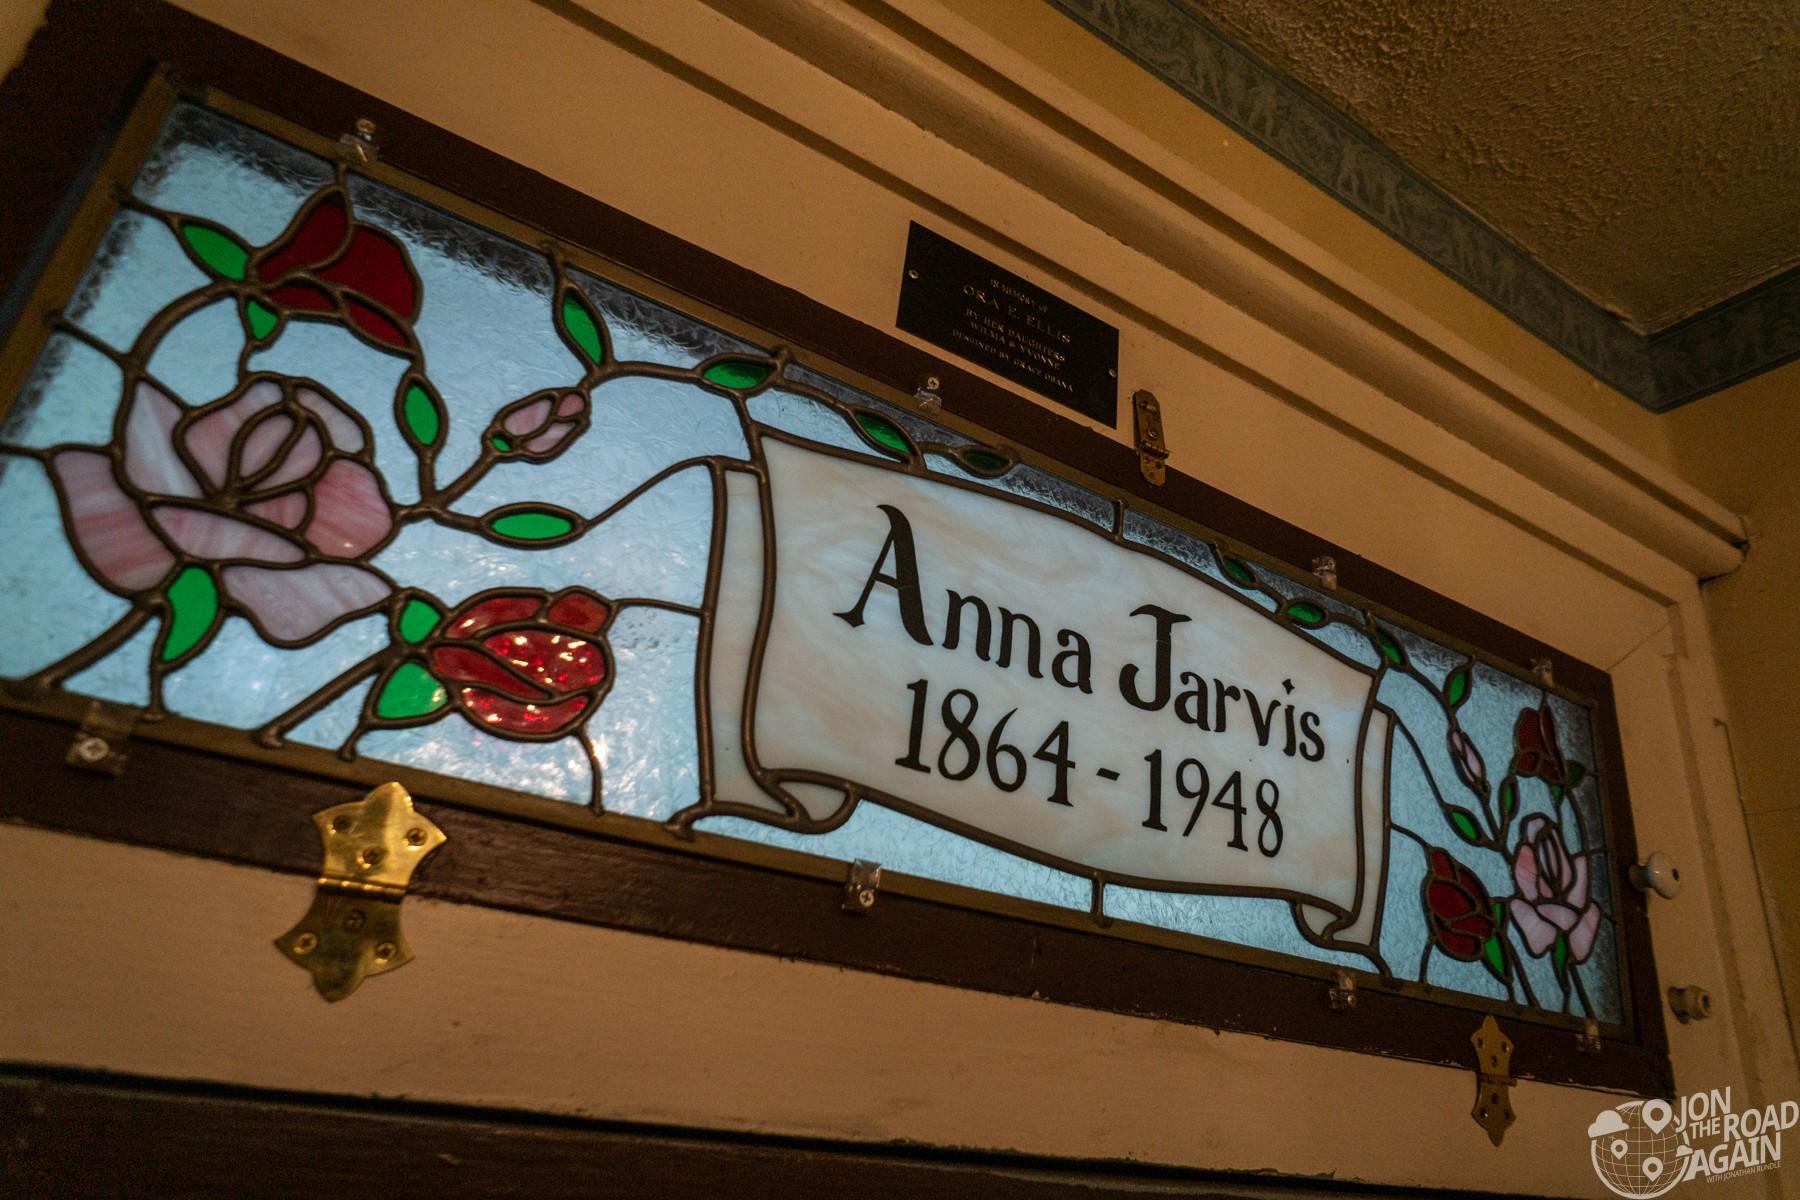 Anna Jarvis House